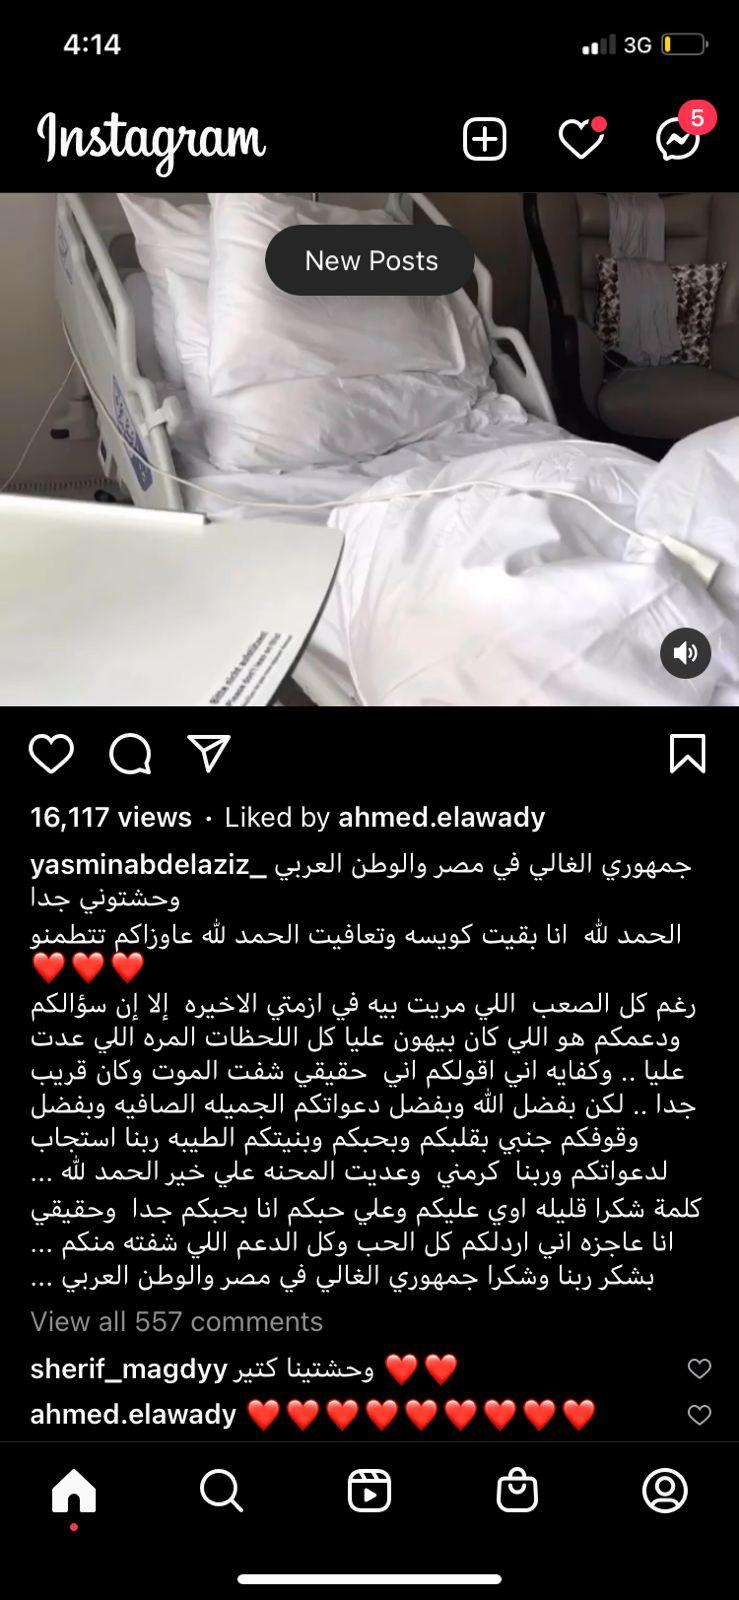 تدوينات ياسمين عبد العزيز